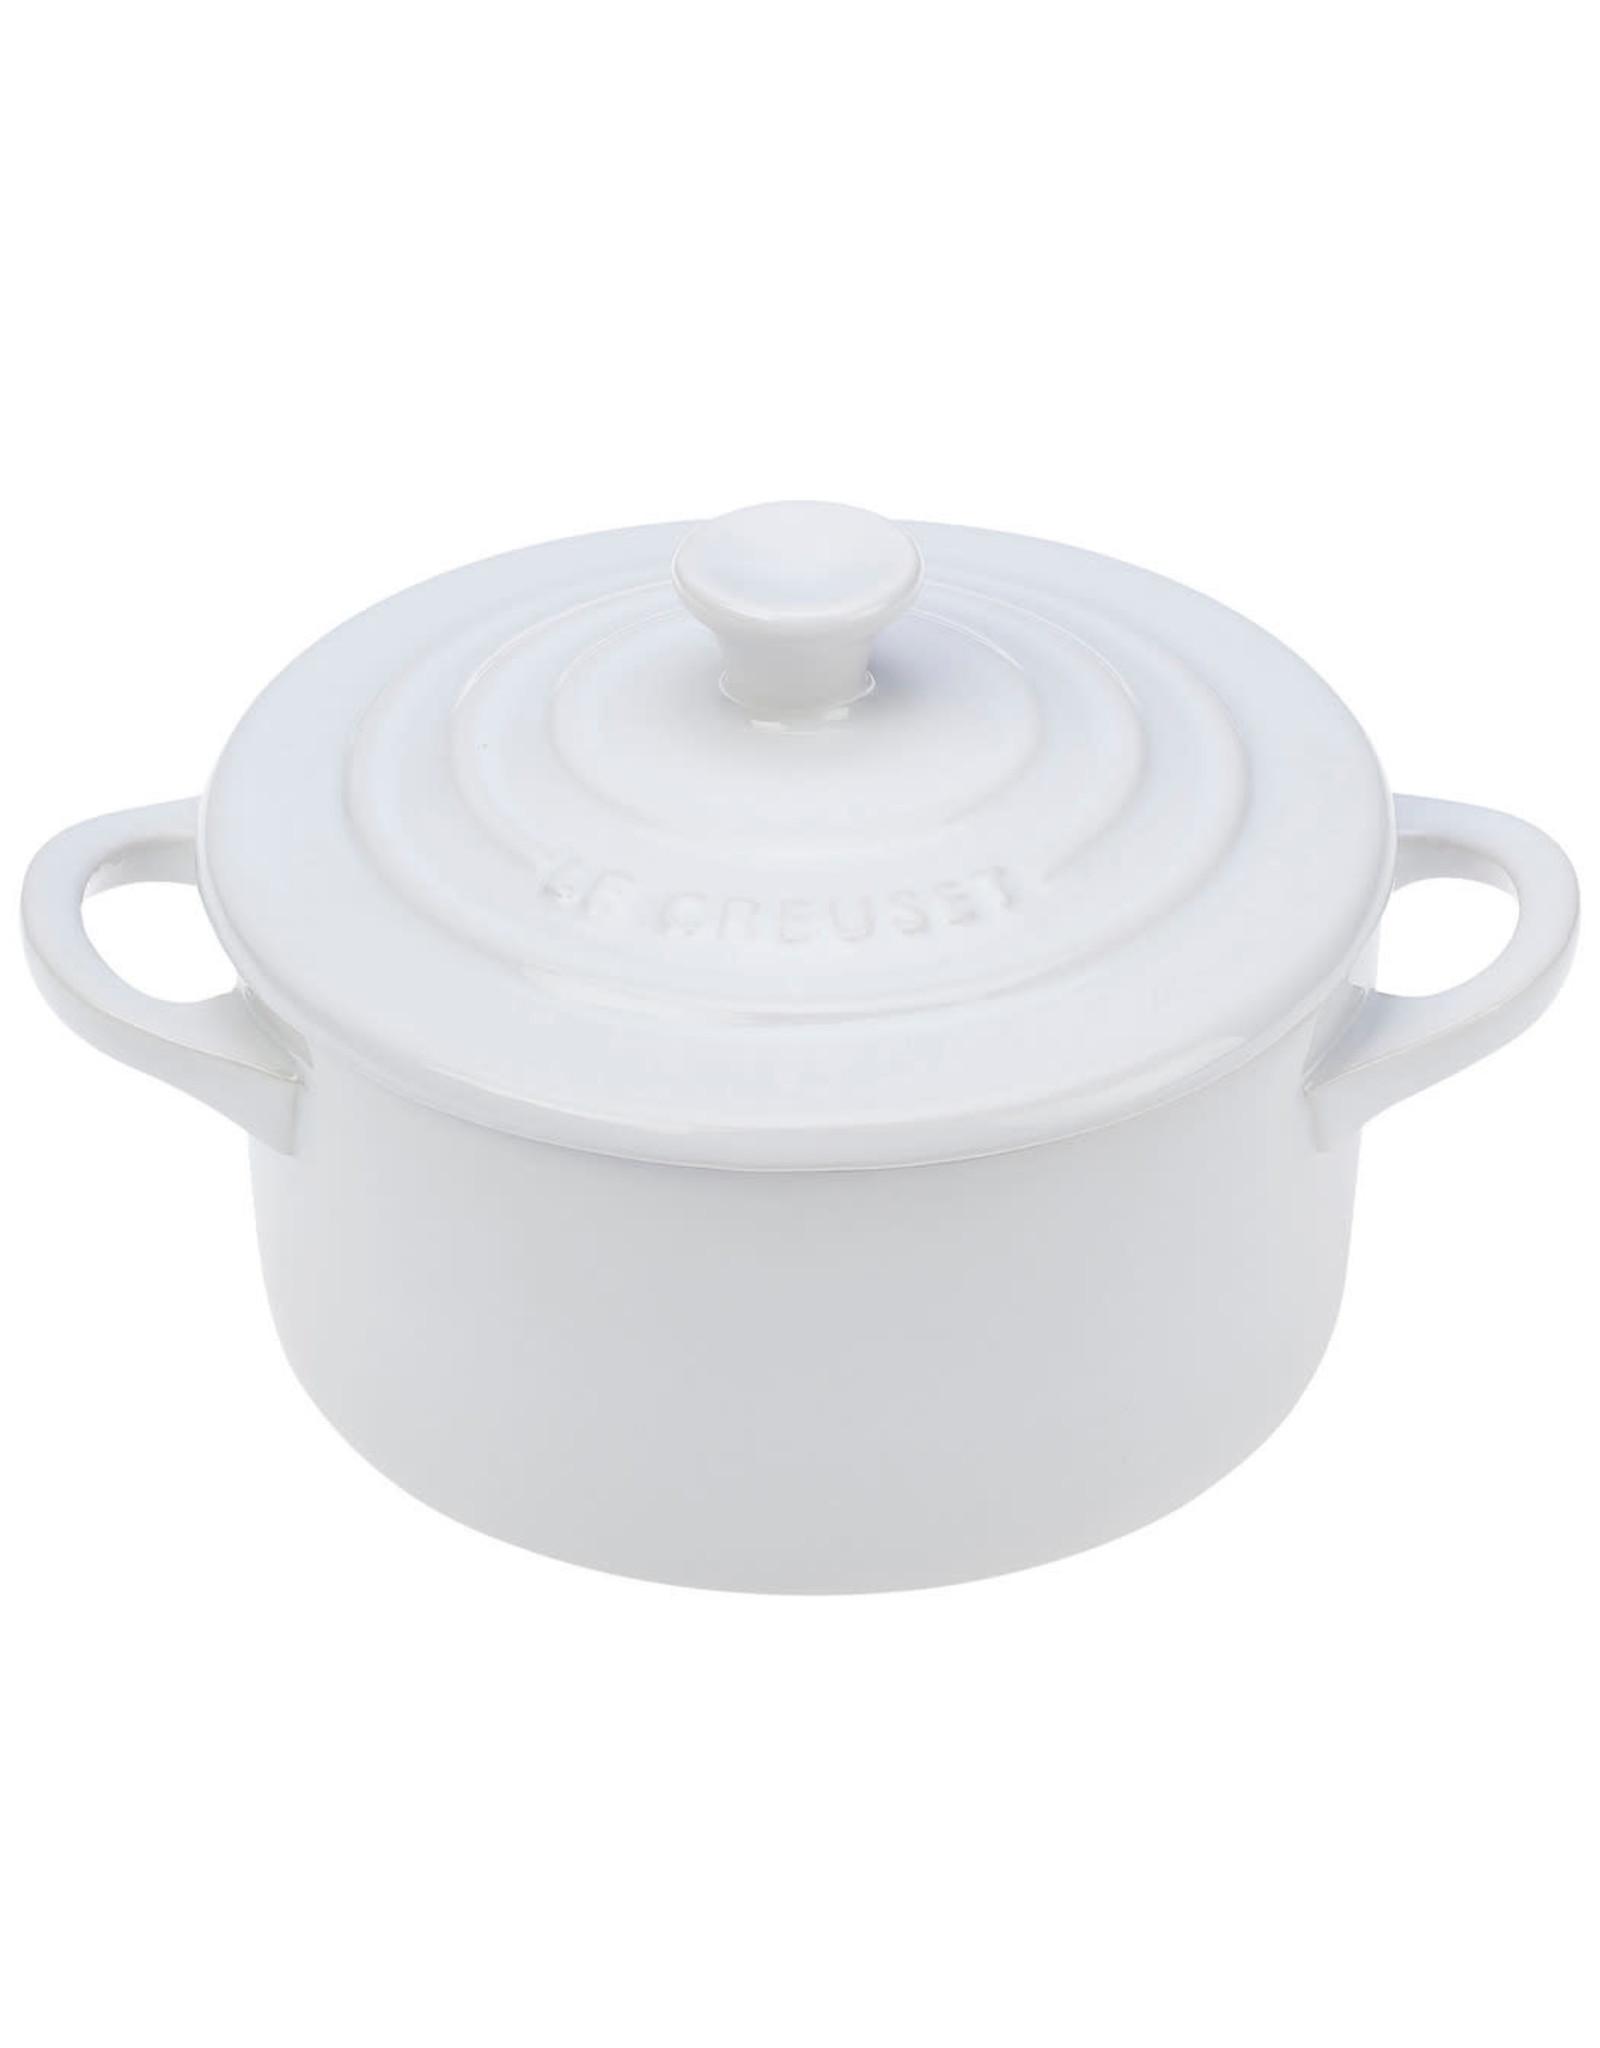 Le Creuset Le Creuset Mini Cocotte Round White